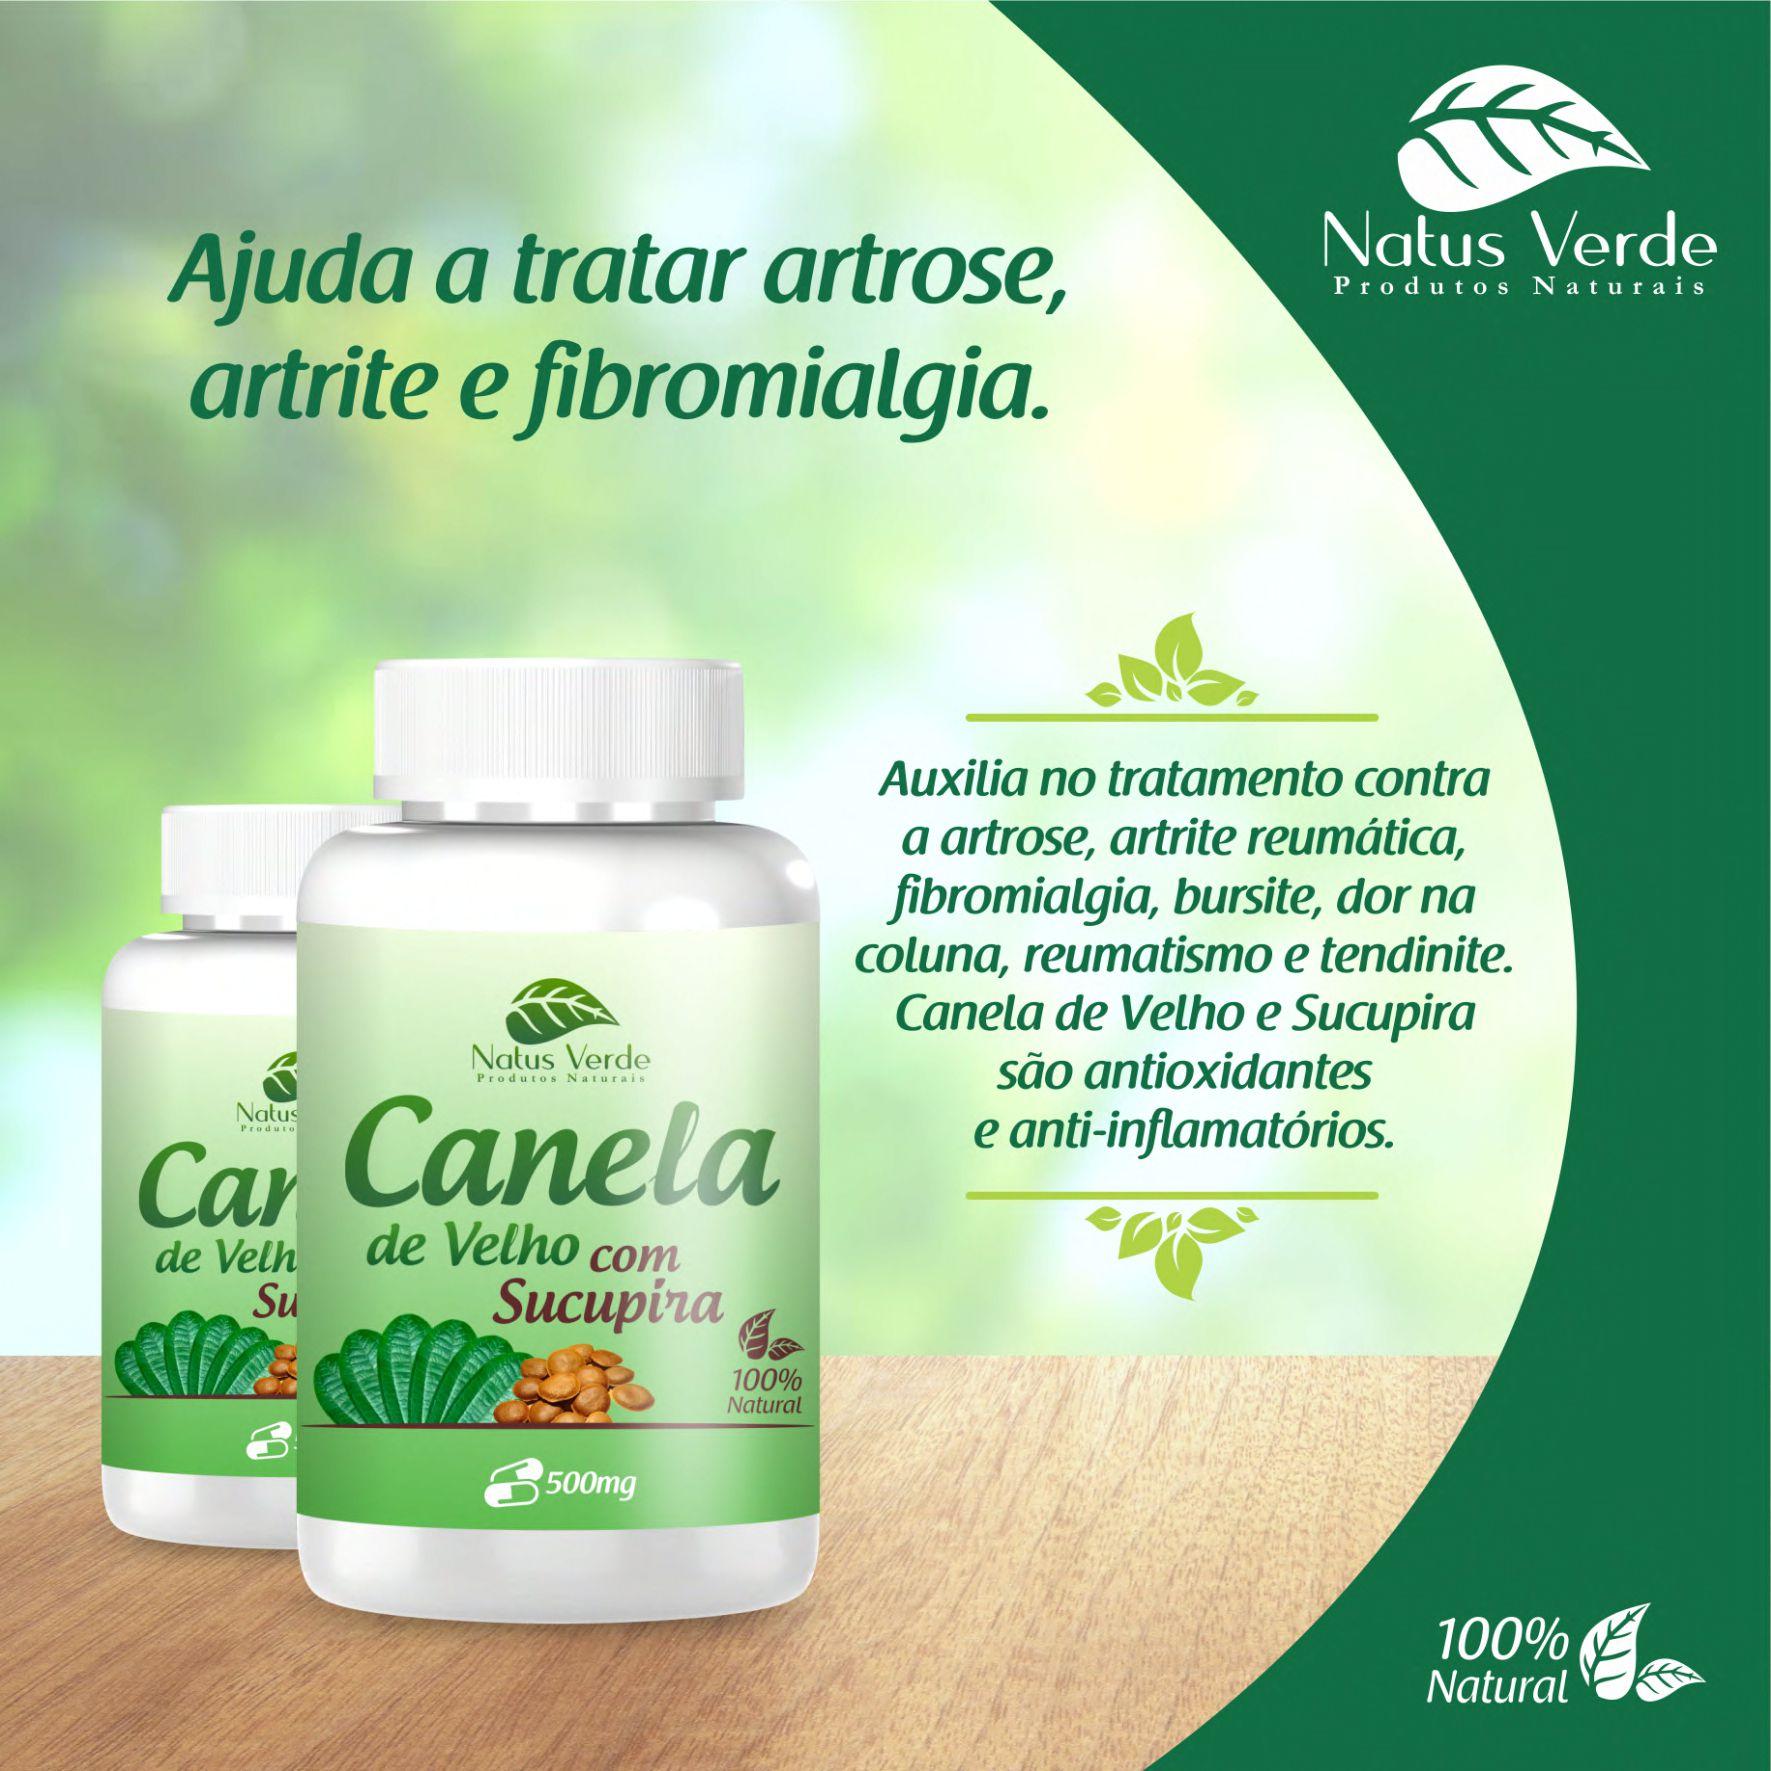 Complemento alimentar Canela de Velho com Sucupira Natus Verdes 60 caps  - Fribasex - Fabricasex.com